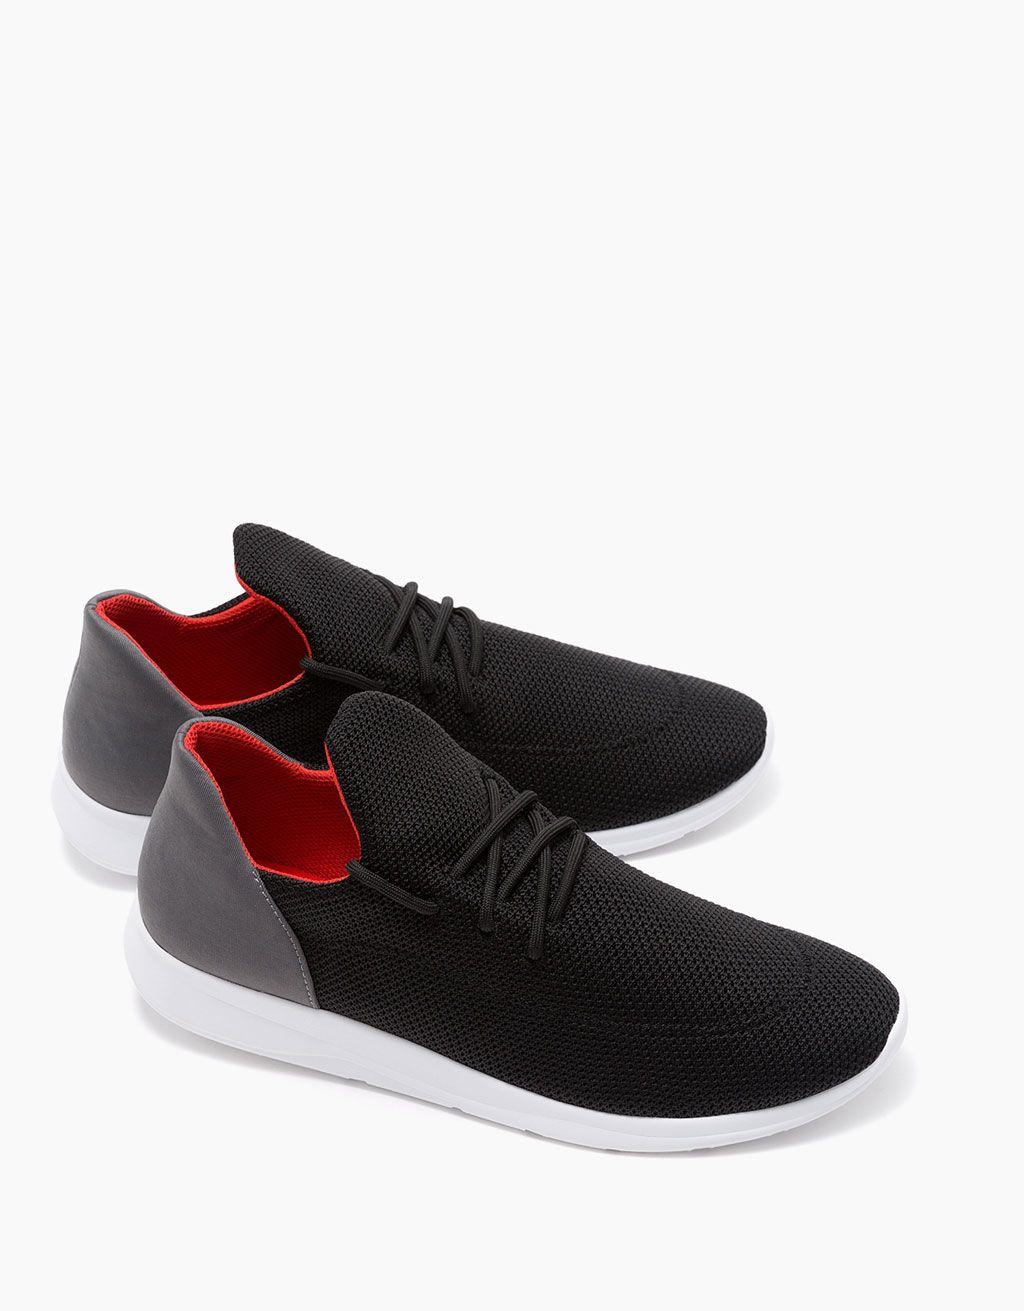 Zapato para caminar con botines SF para mujer, Rosso Corsa-Rosso Corsa-Puma White, 6 M US